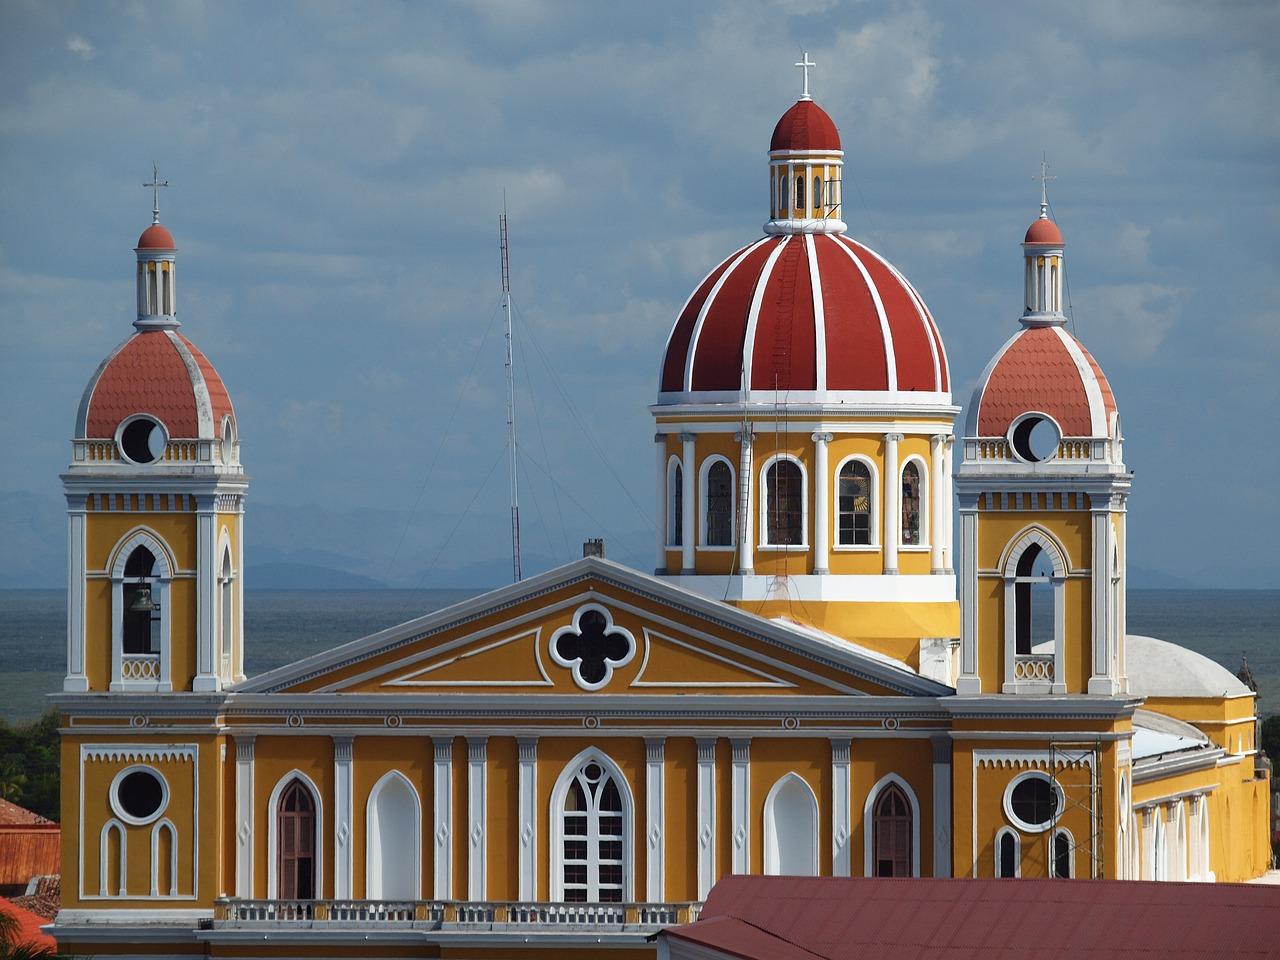 ciudades coloniales del Caribe